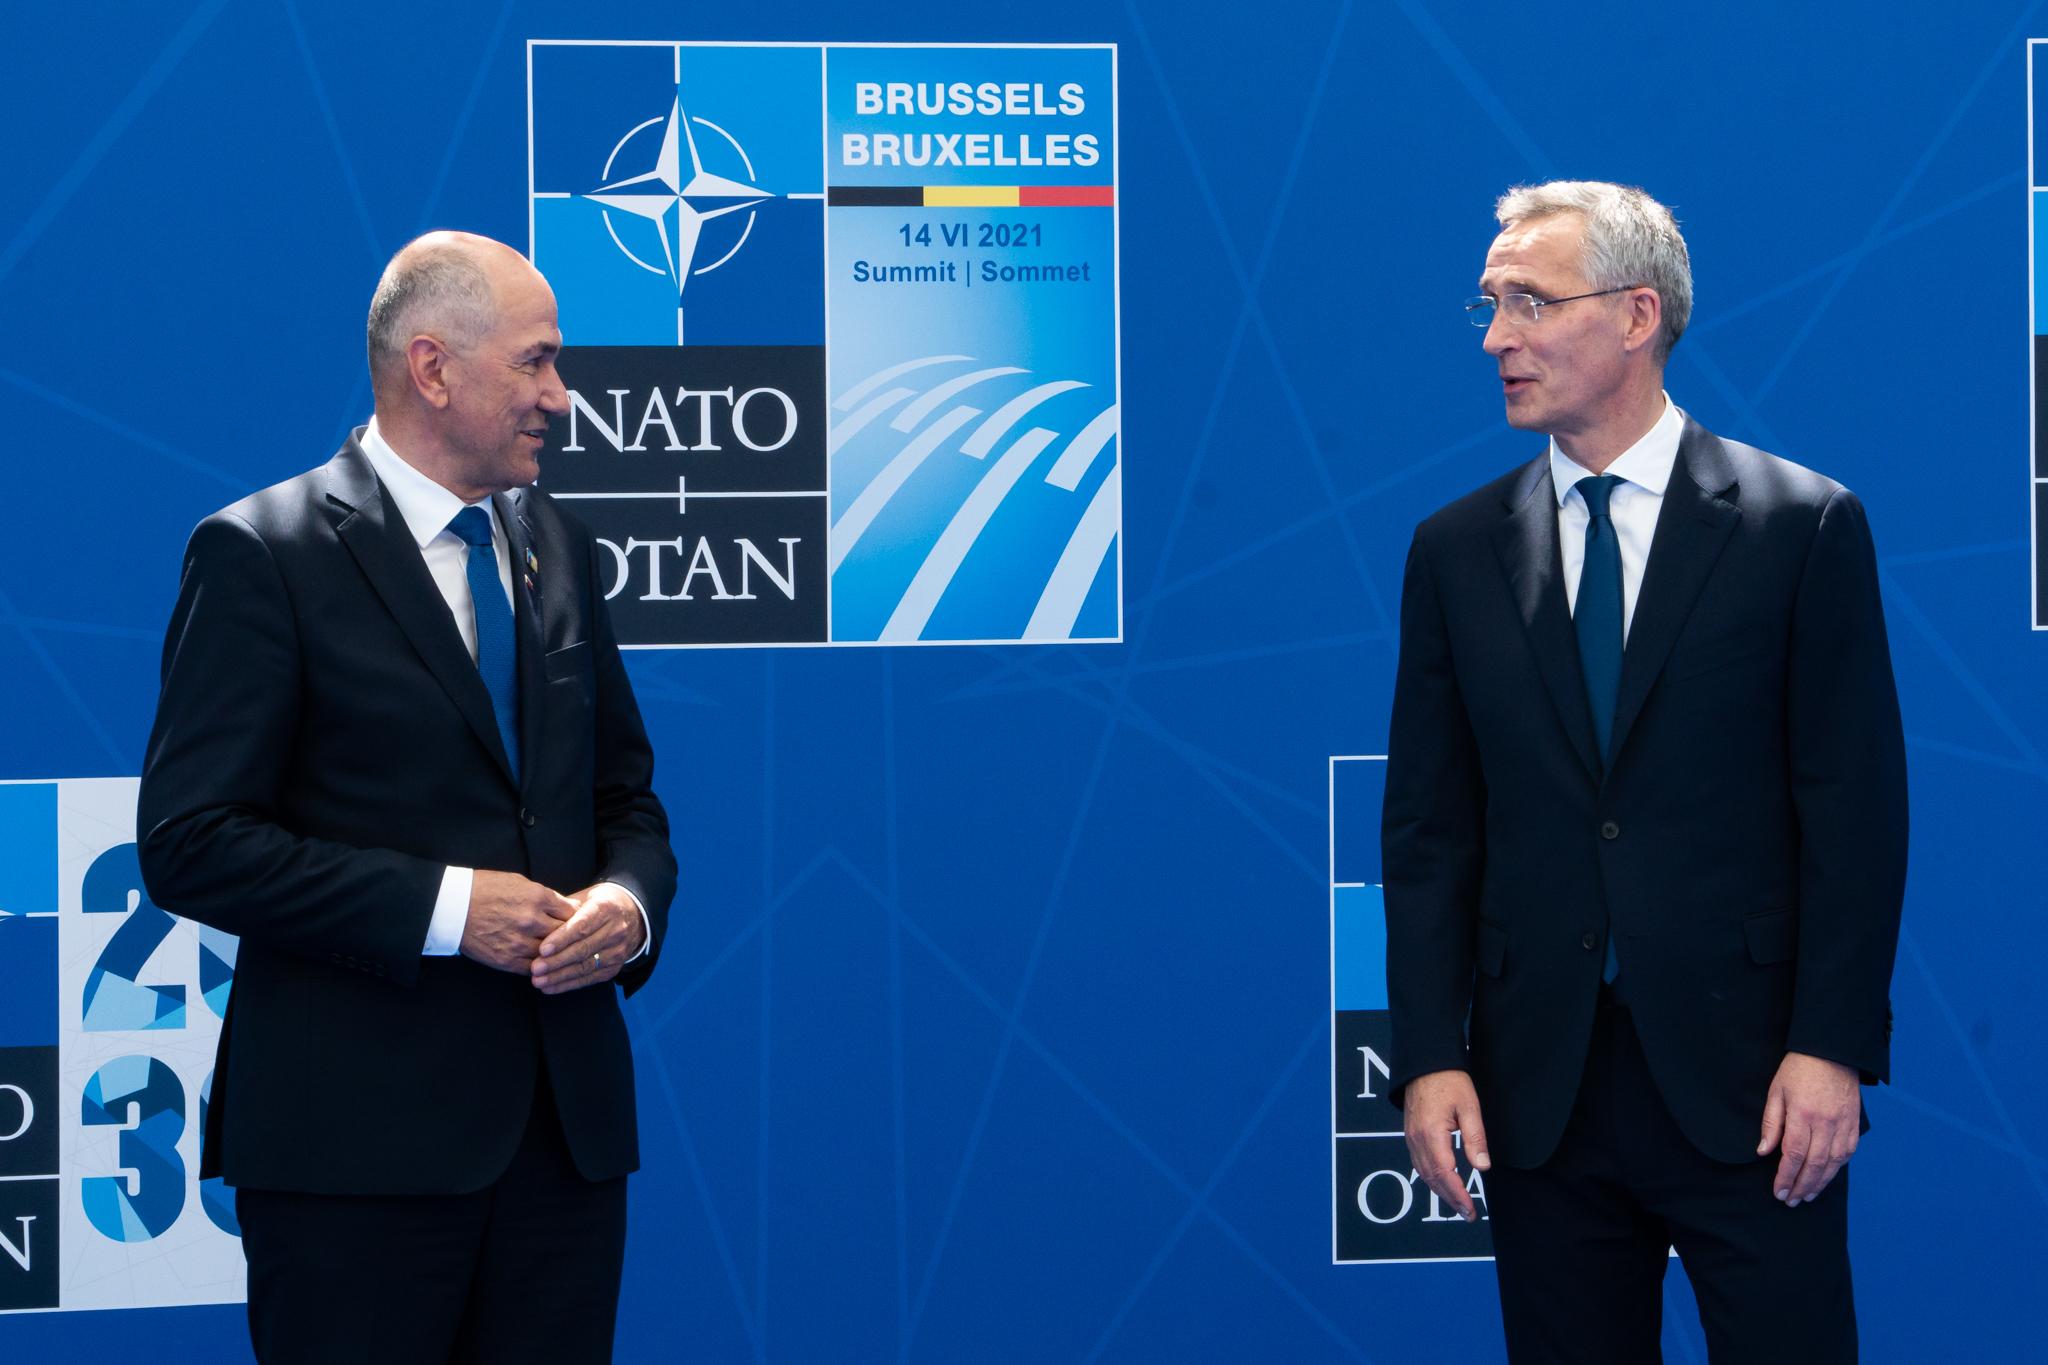 Σλοβενία: Εάν το ΝΑΤΟ δεν επεκταθεί, θα το κάνει κάποιος άλλος, δήλωσε ο Janša